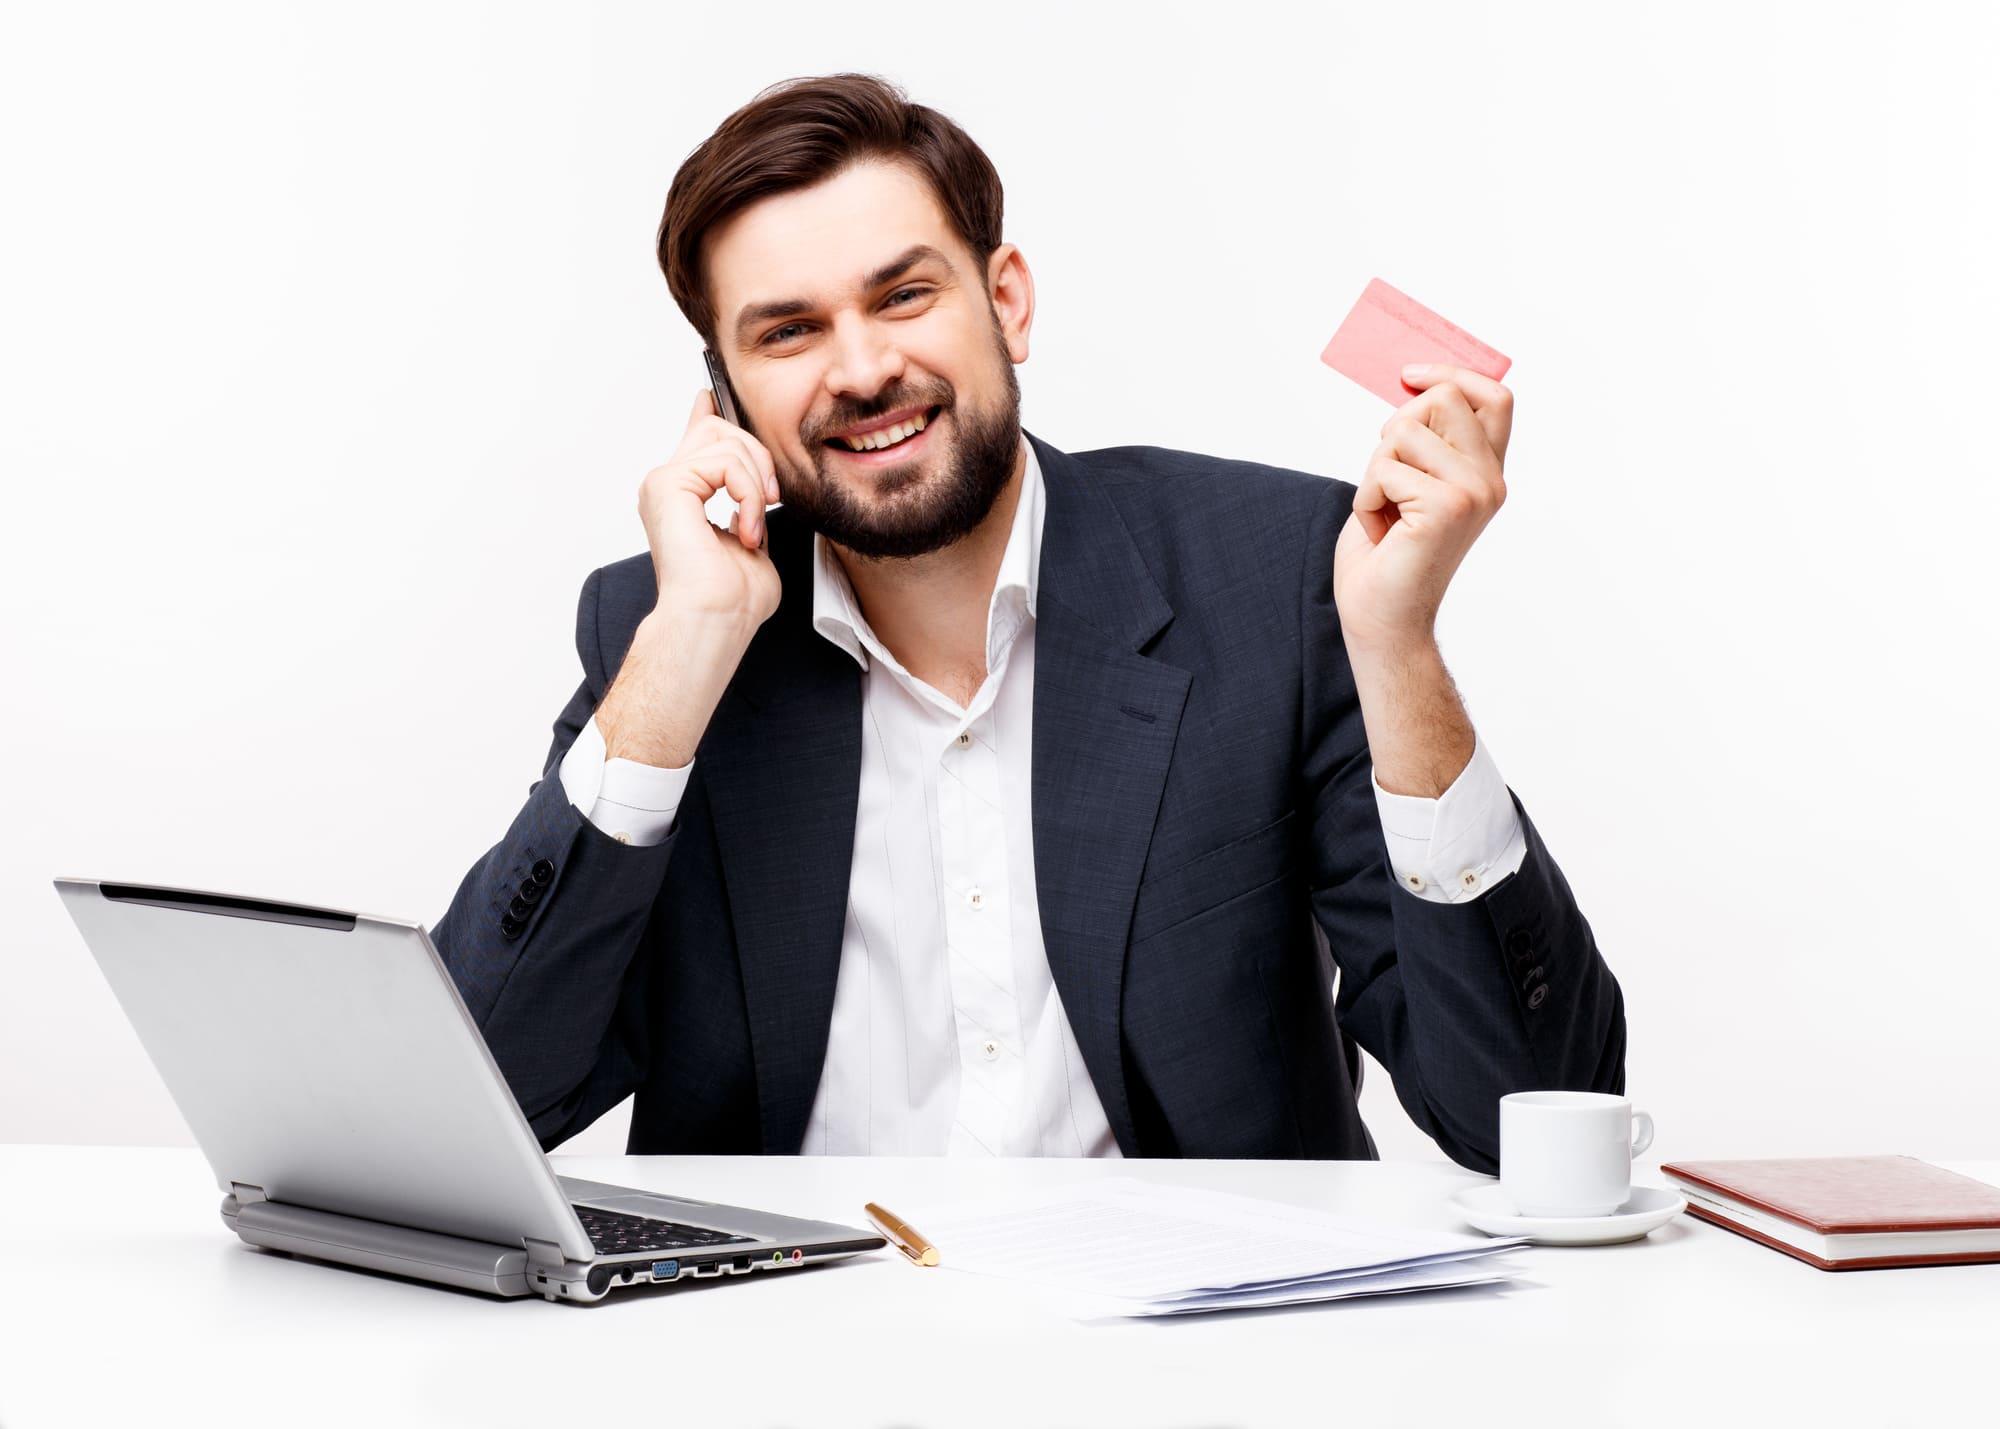 アメックスビジネスゴールドカードのメリットから注意点まで徹底解説!